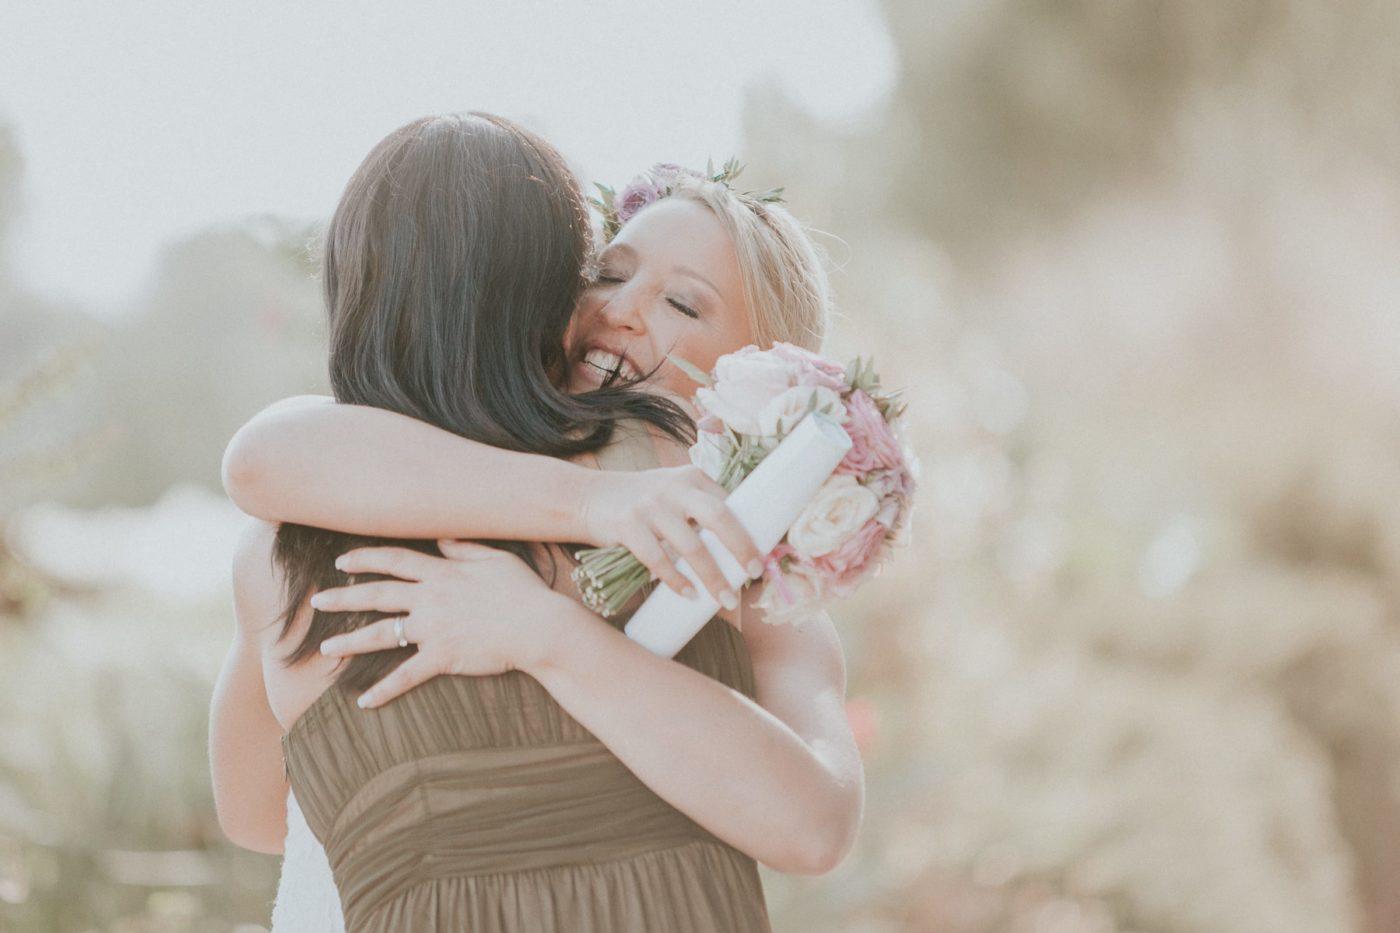 Die Braut umarmt mich glücklich nach der Zeremonie.